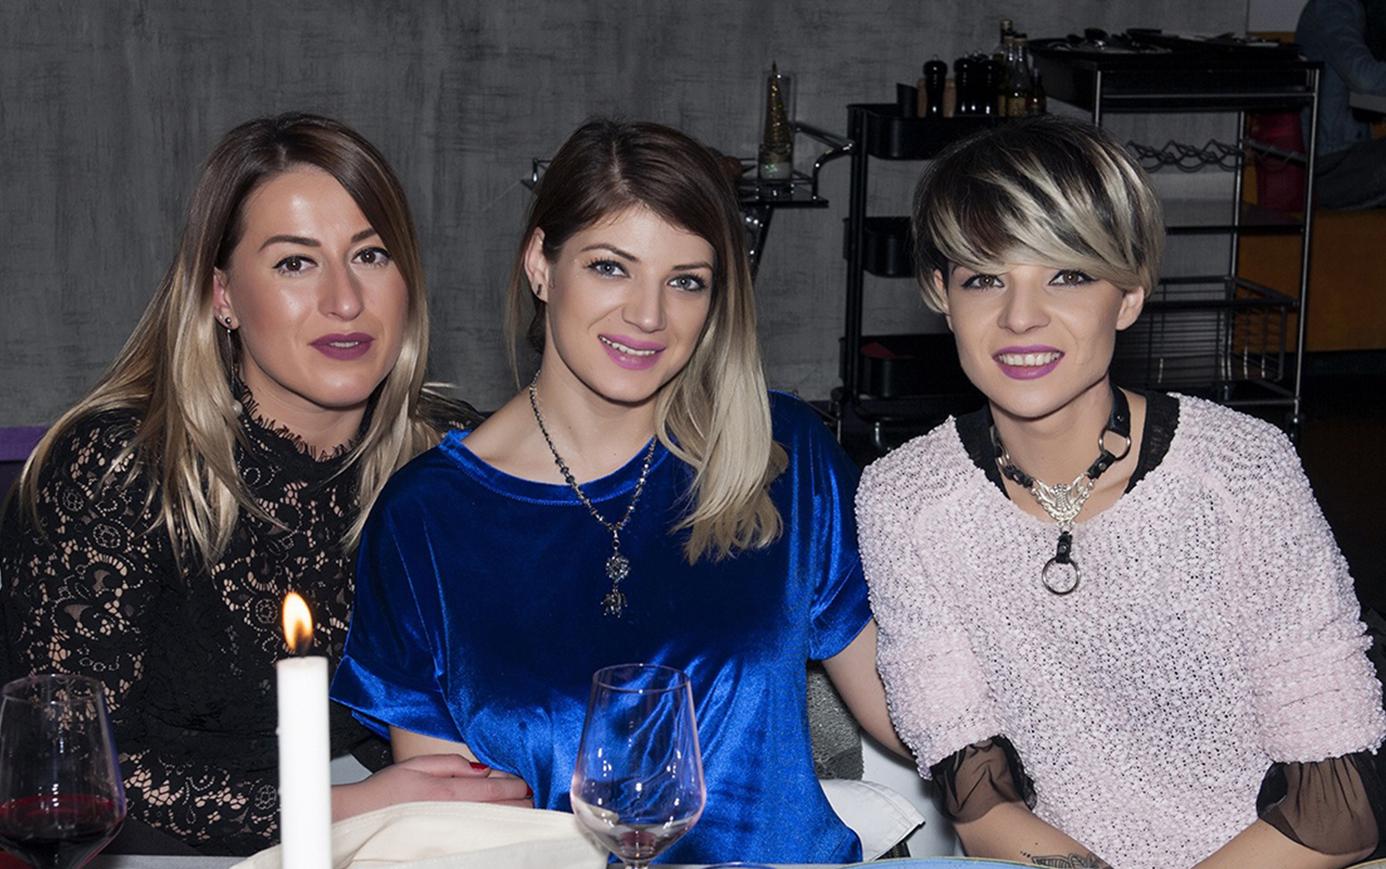 Ședință foto petrecere firma București